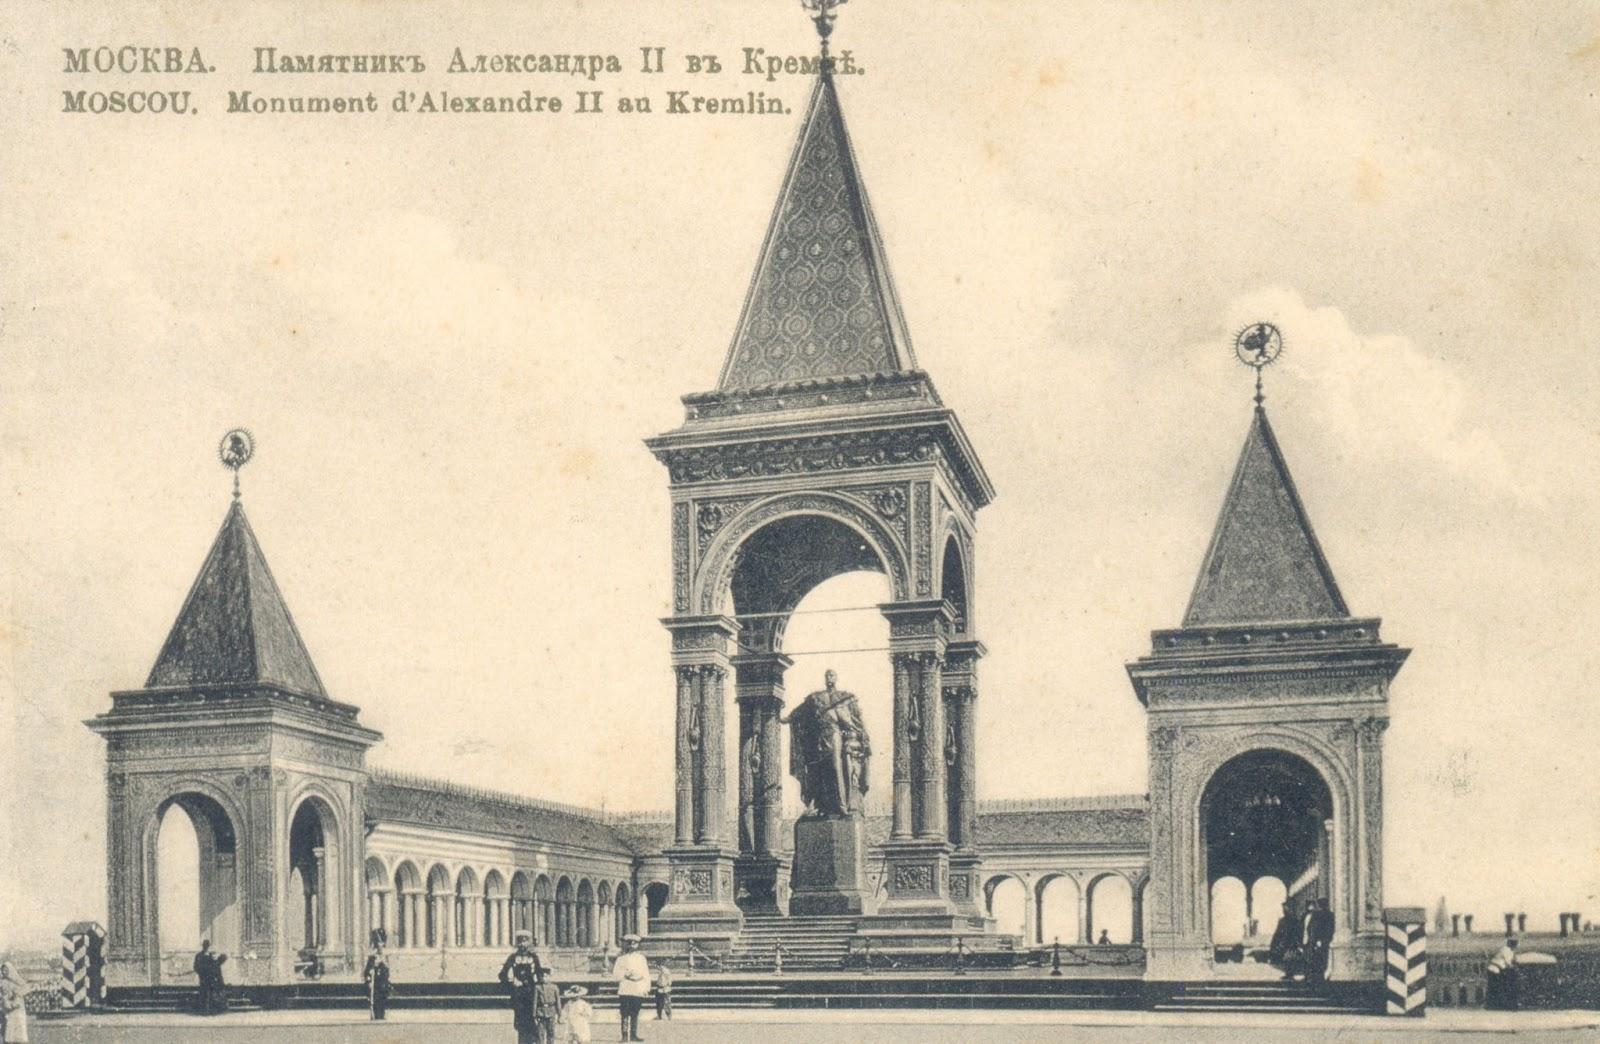 Старинная открытка с памятником Александру второму в Кремле